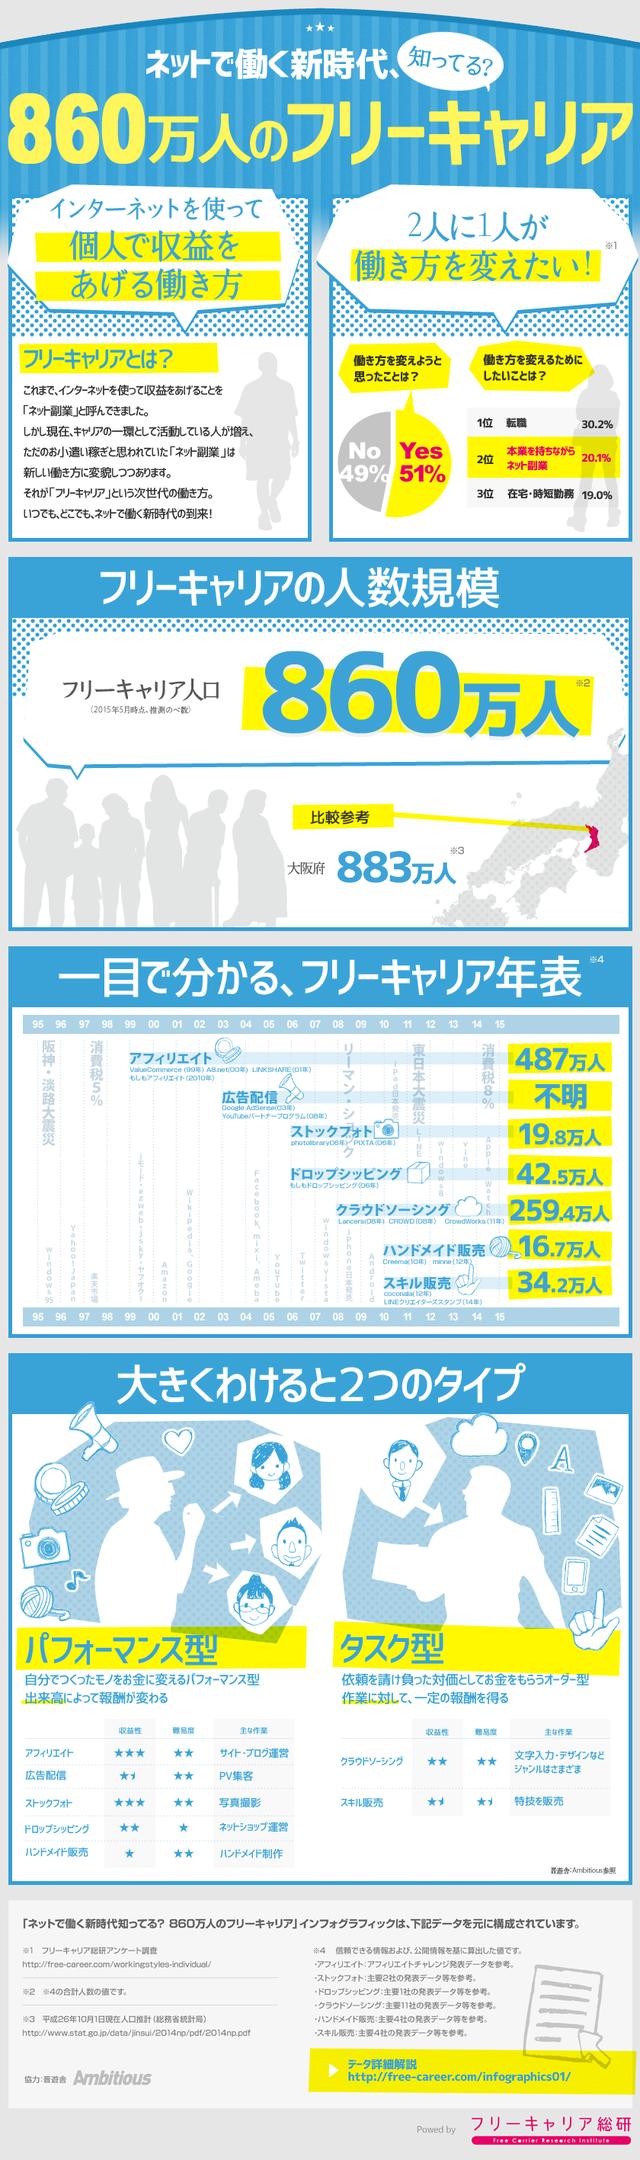 %e3%83%8d%e3%83%83%e3%83%88%e3%81%a7%e5%83%8d%e3%81%8f%e6%96%b0%e6%99%82%e4%bb%a3%e7%9f%a5%e3%81%a3%e3%81%a6%e3%82%8b%ef%bc%9f860%e4%b8%87%e4%ba%ba%e3%81%ae%e3%83%95%e3%83%aa%e3%83%bc%e3%82%ad%e3%83%a3%e3%83%aa%e3%82%a2